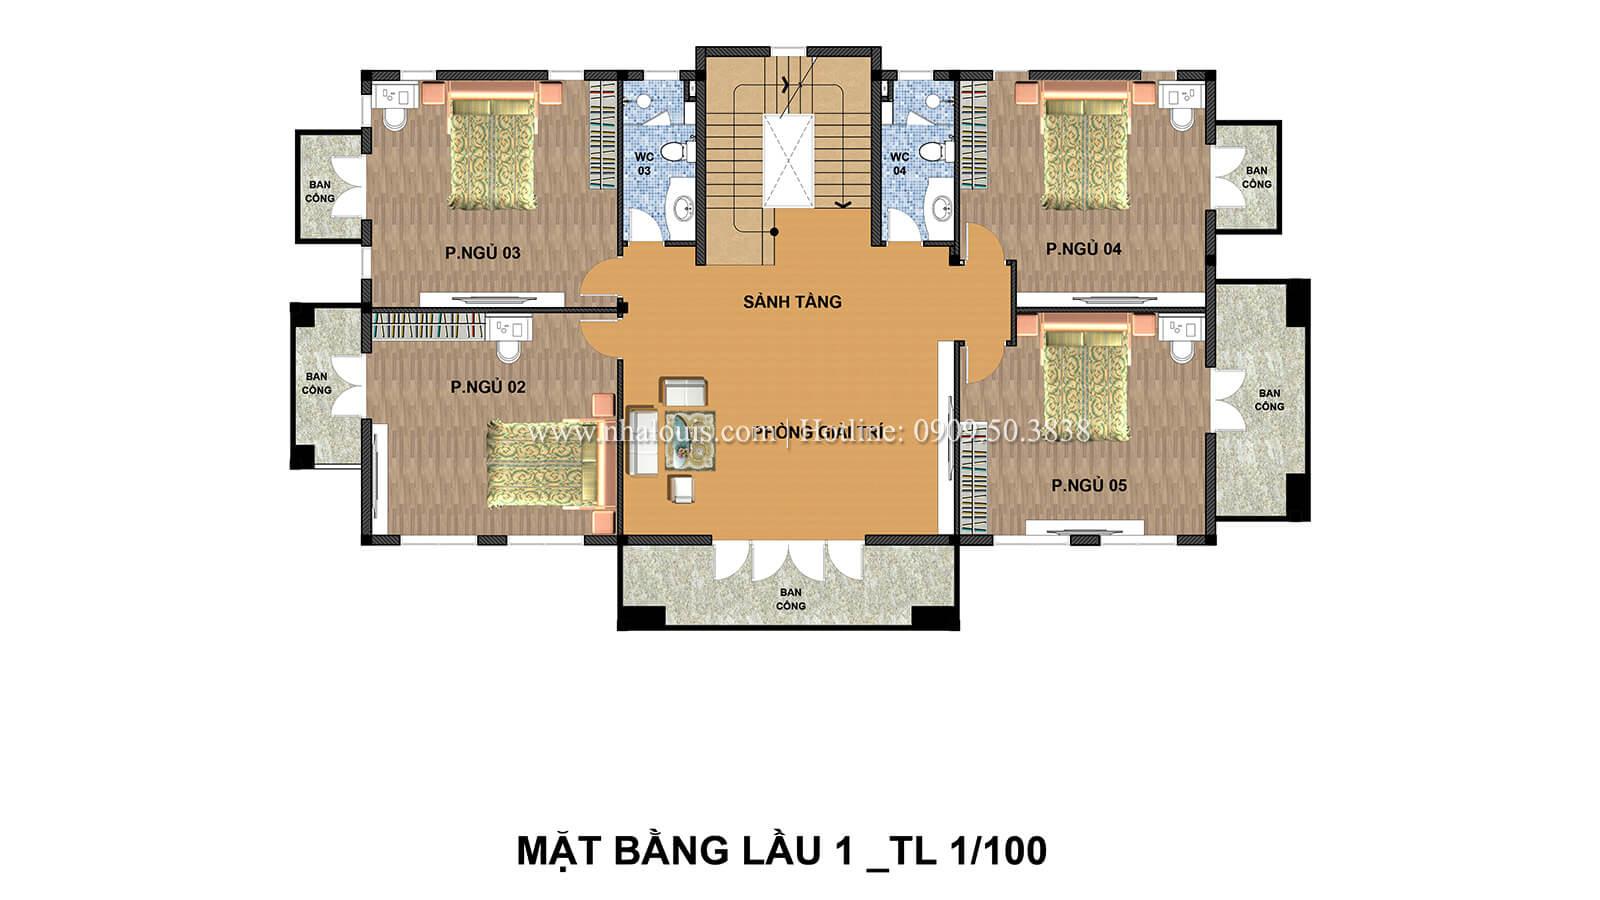 Mặt bằng tầng 1 Biệt thự 2 tầng cổ điển lộng lẫy và sang trọng tại Hóc Môn - 06